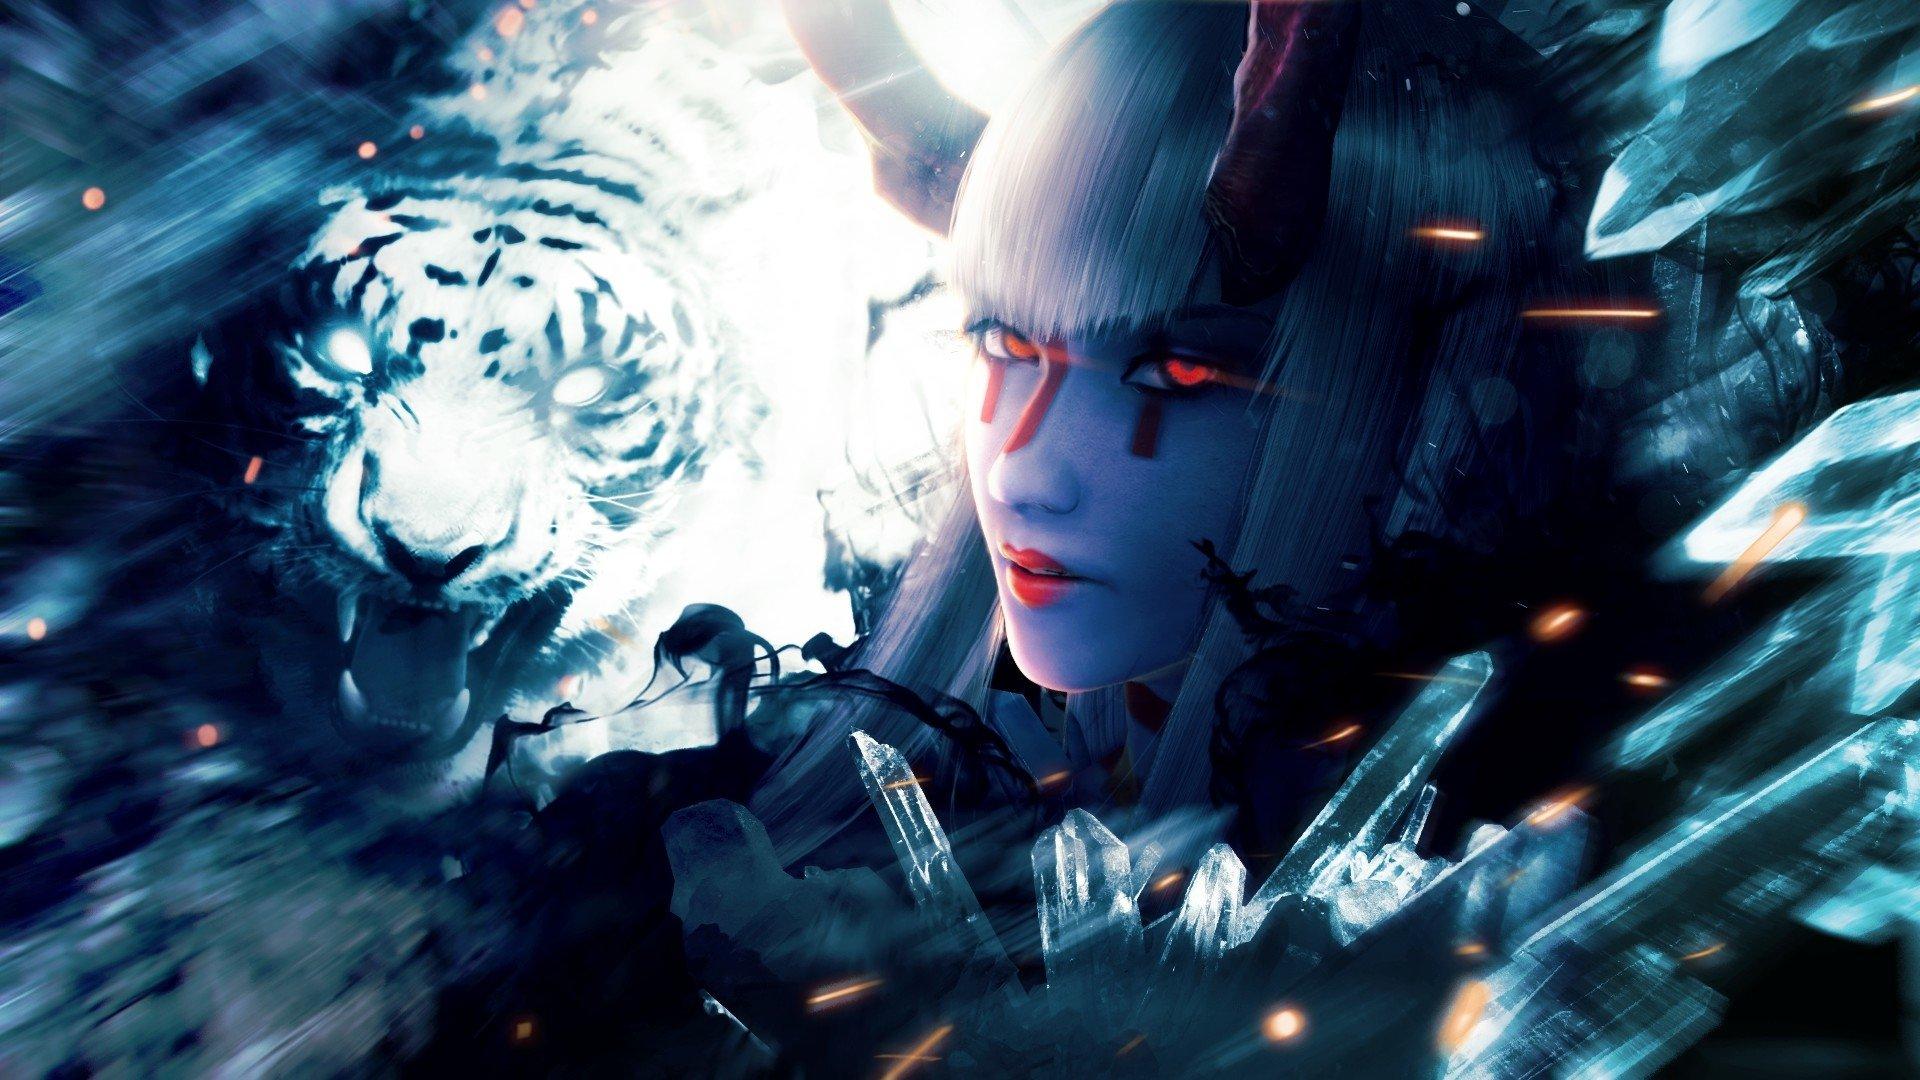 Devil Kazumi Tekken7 Fondo De Pantalla Hd Fondo De